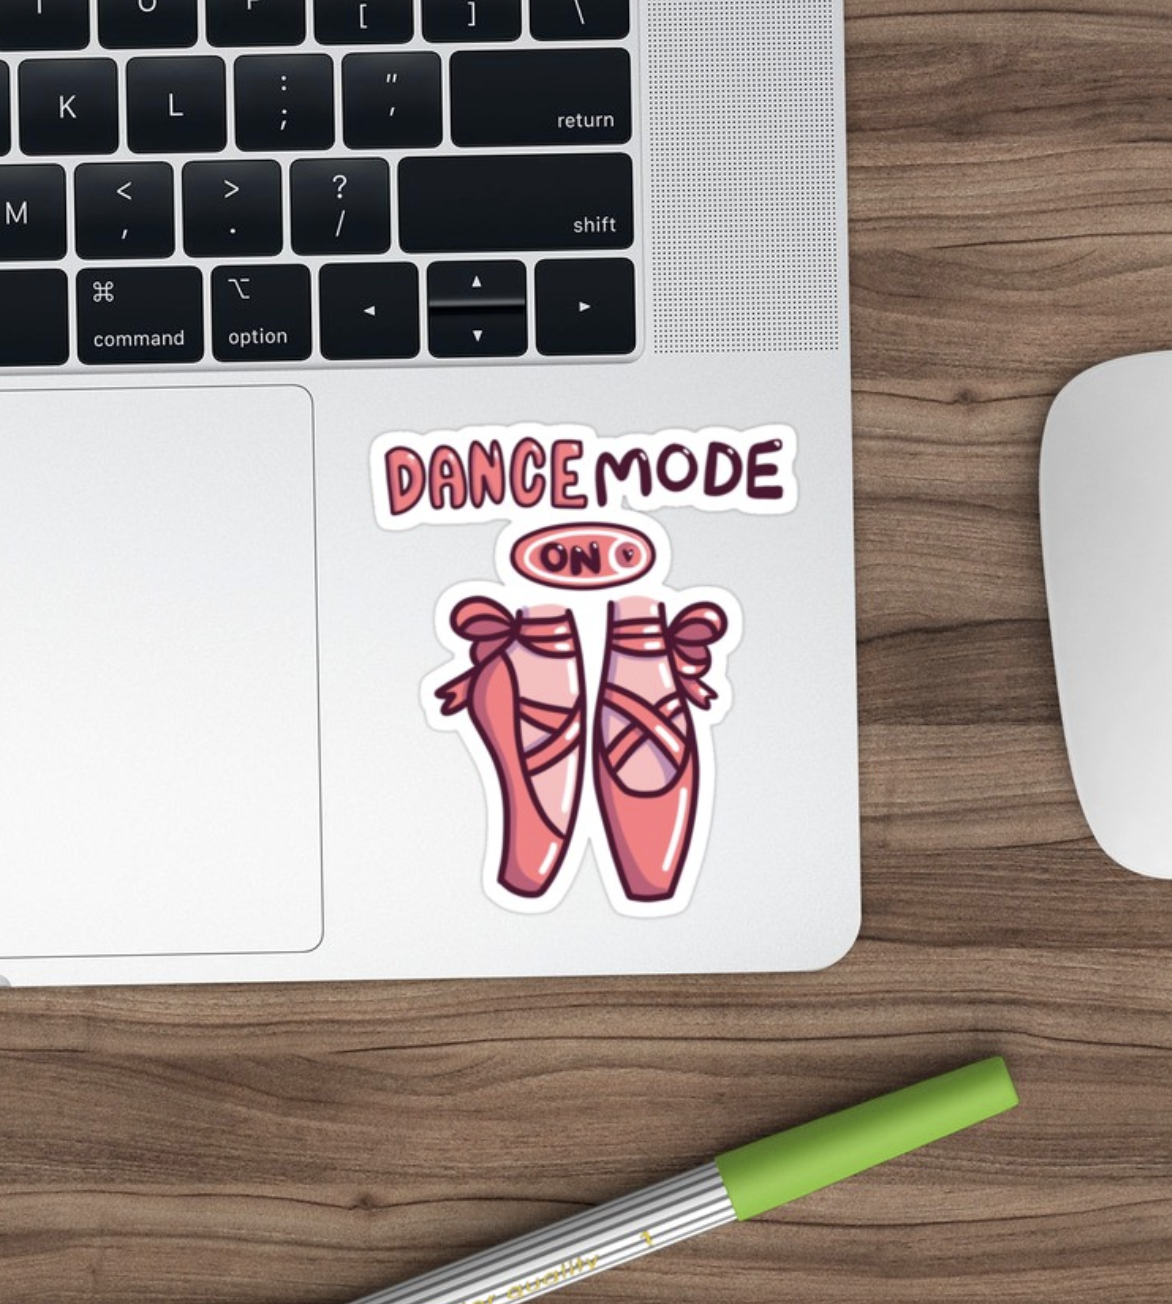 Ballet Dancer Ballerina Slippers Dance Mode On Sticker